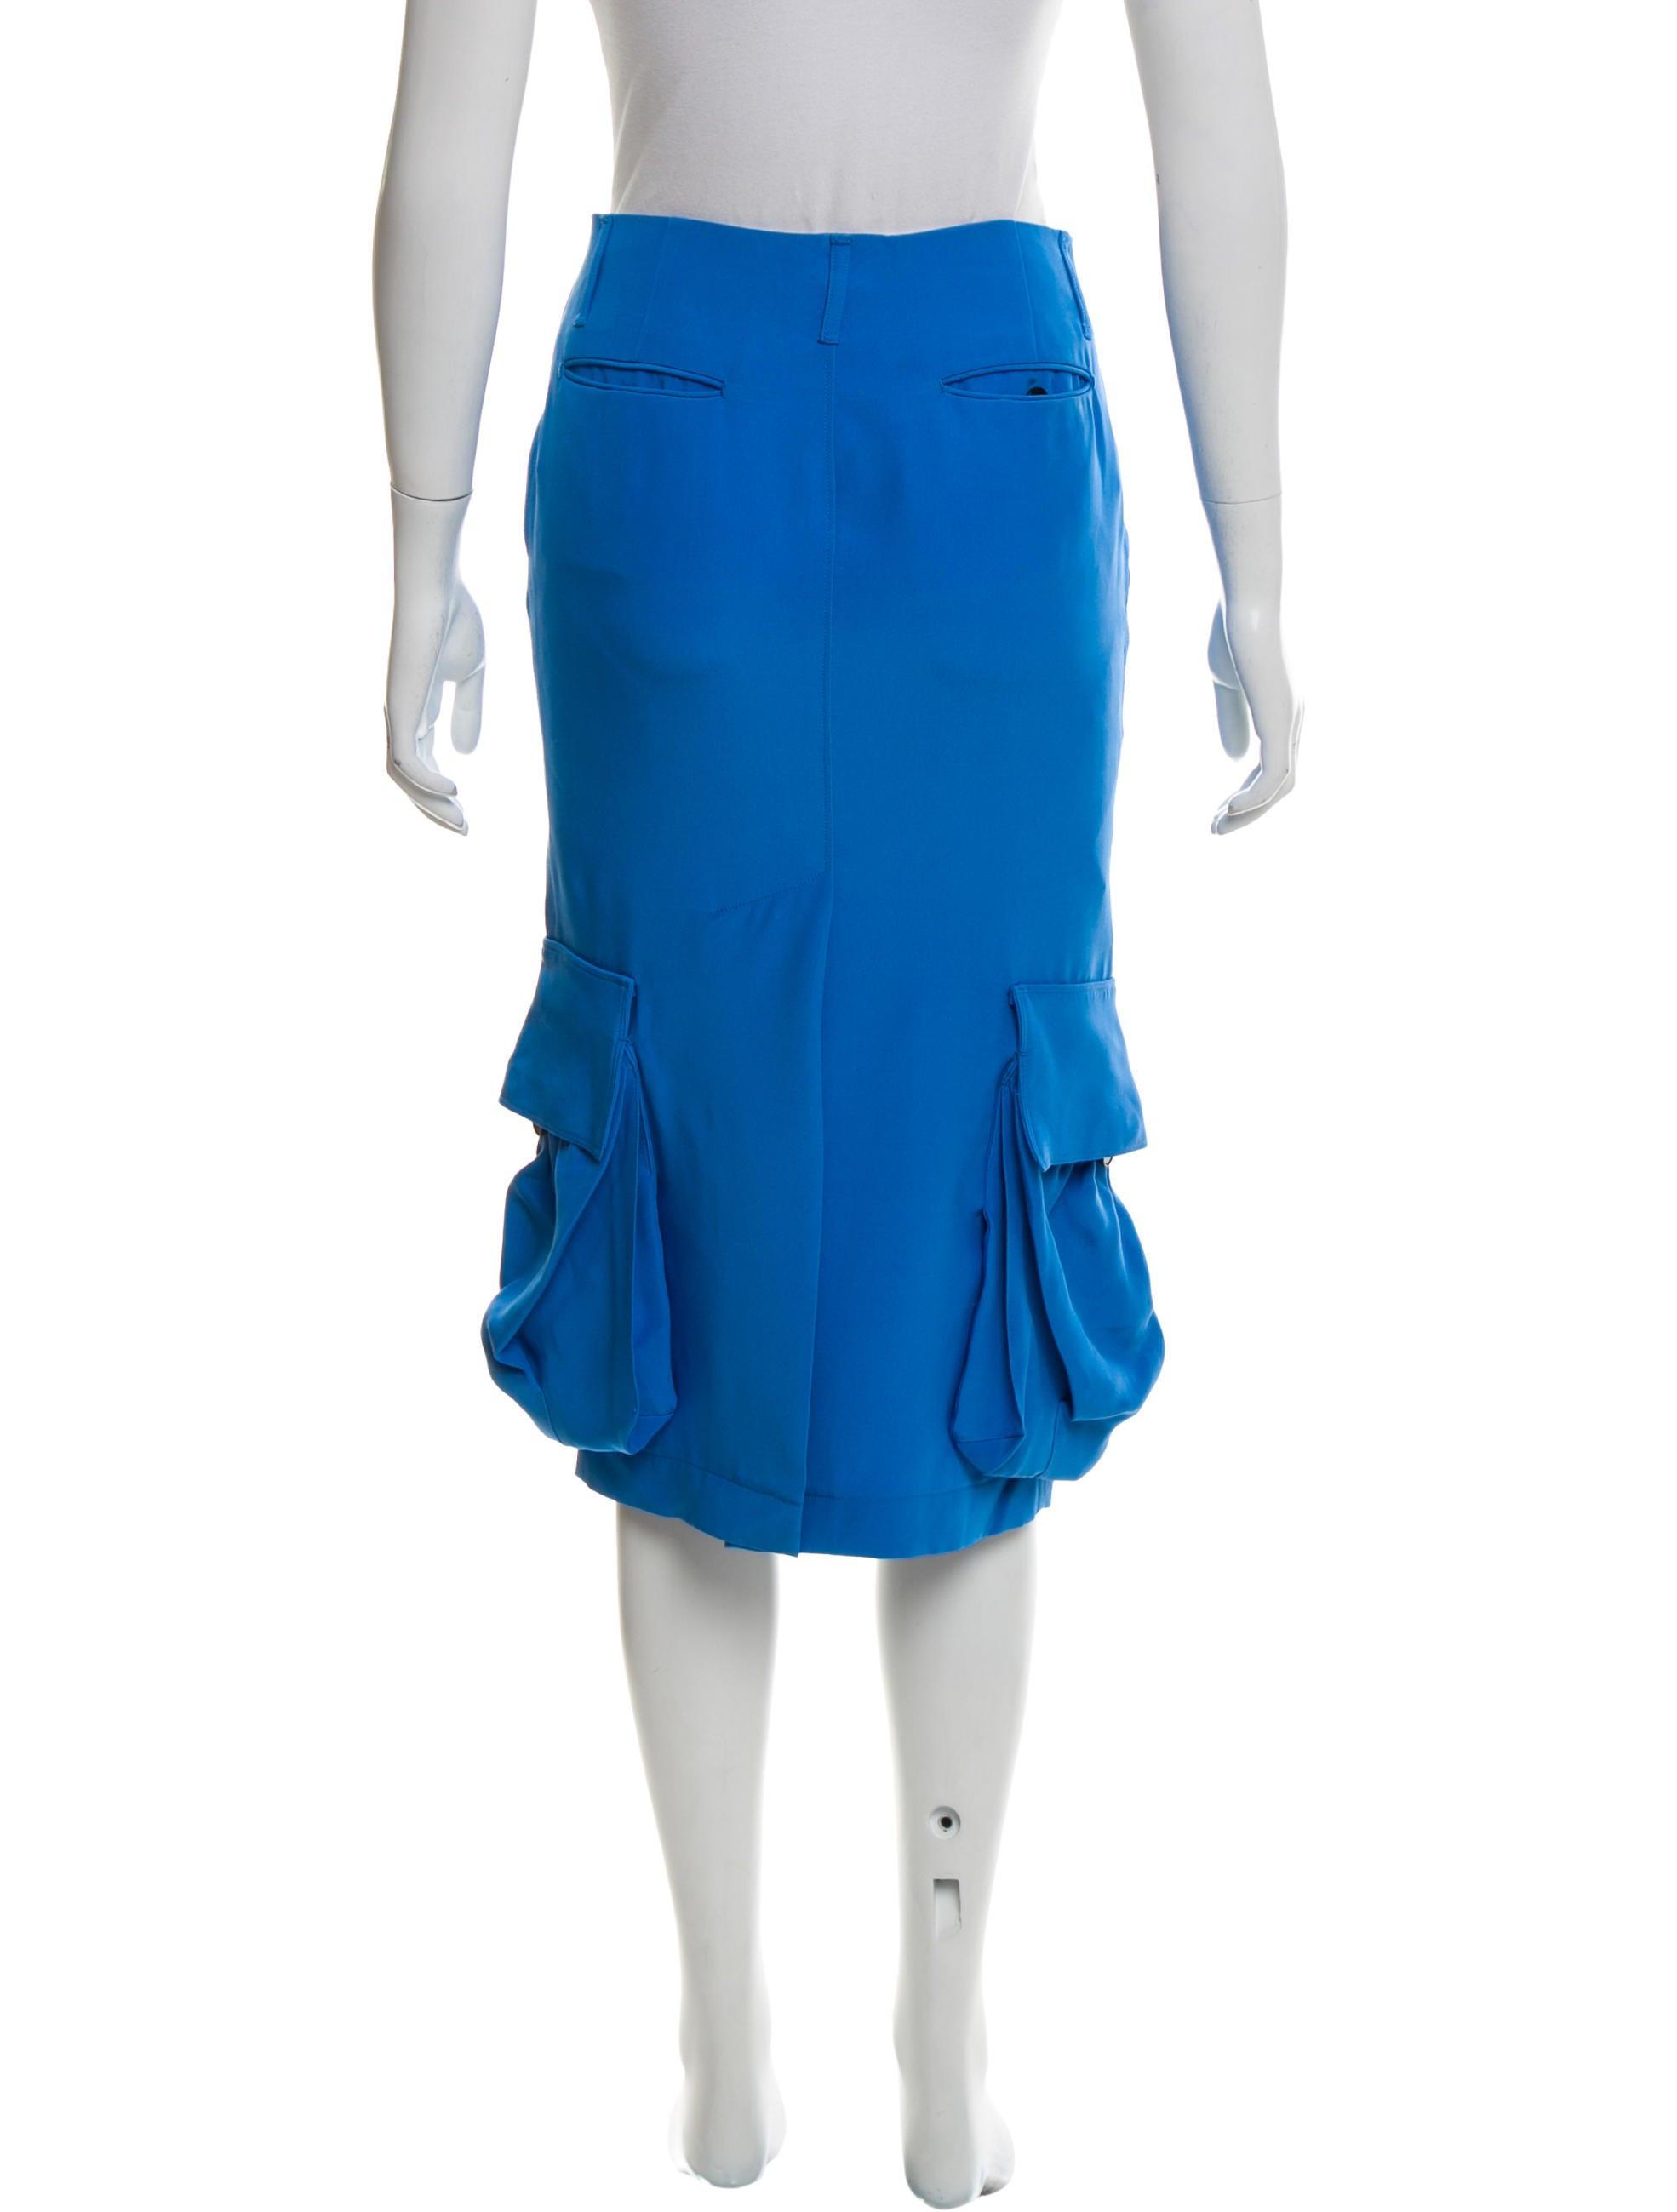 Knee Length Skater Skirt with Full A-line Cut for Women $